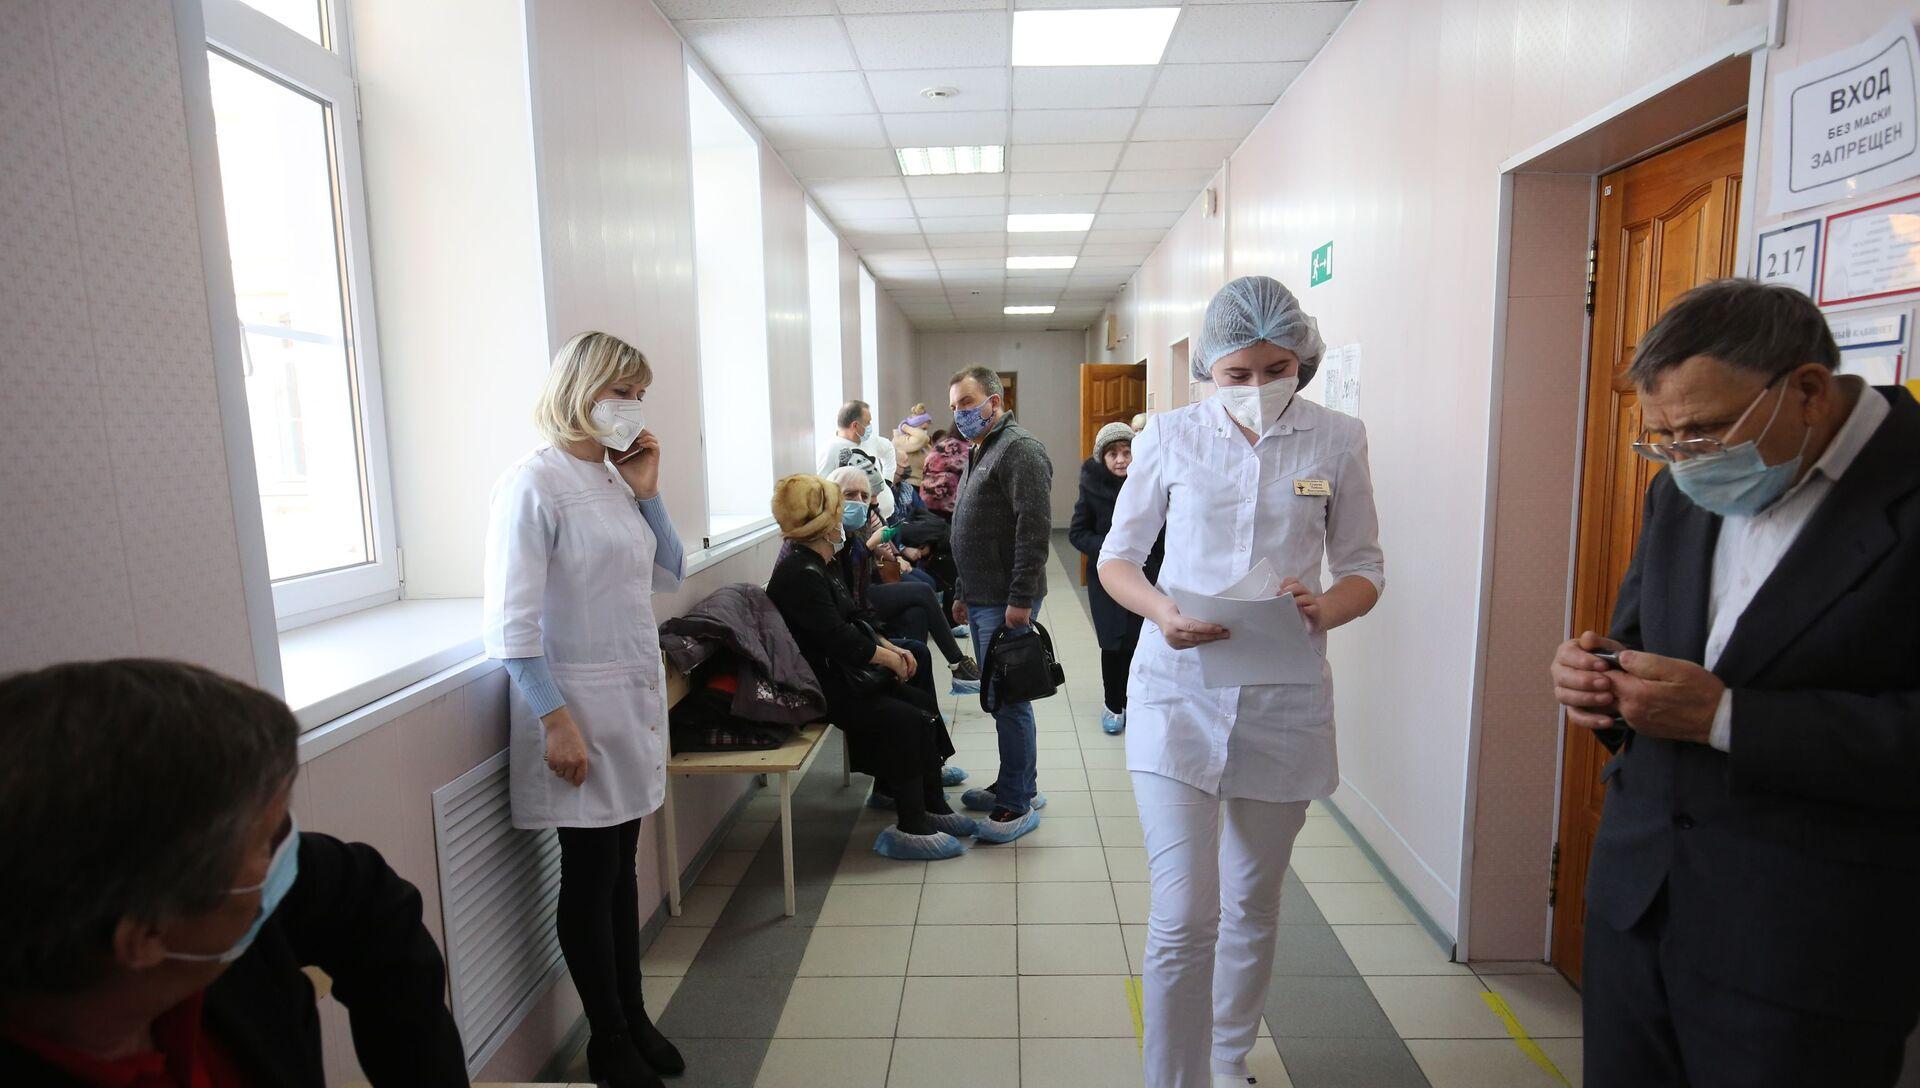 Пациенты у процедурного кабинета перед прививкой от коронавируса вакциной Спутник-V (Гам-КОВИД-Вак) в районной больнице - РИА Новости, 1920, 18.02.2021